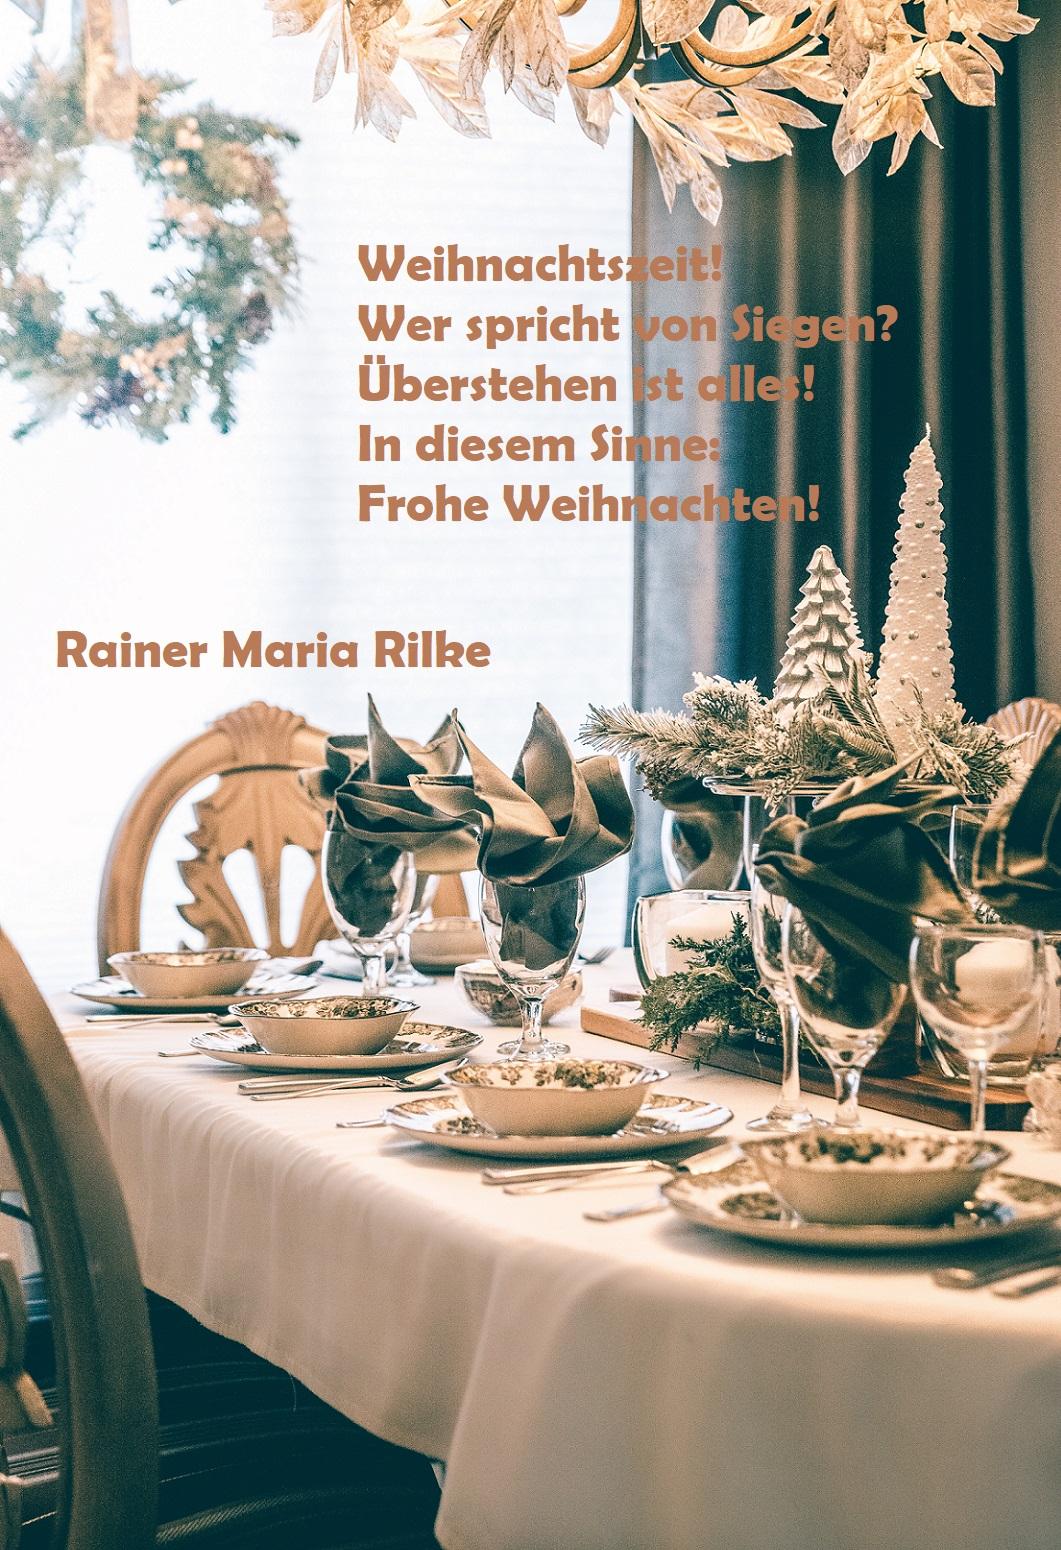 Weihnachtswünsche Bild 11